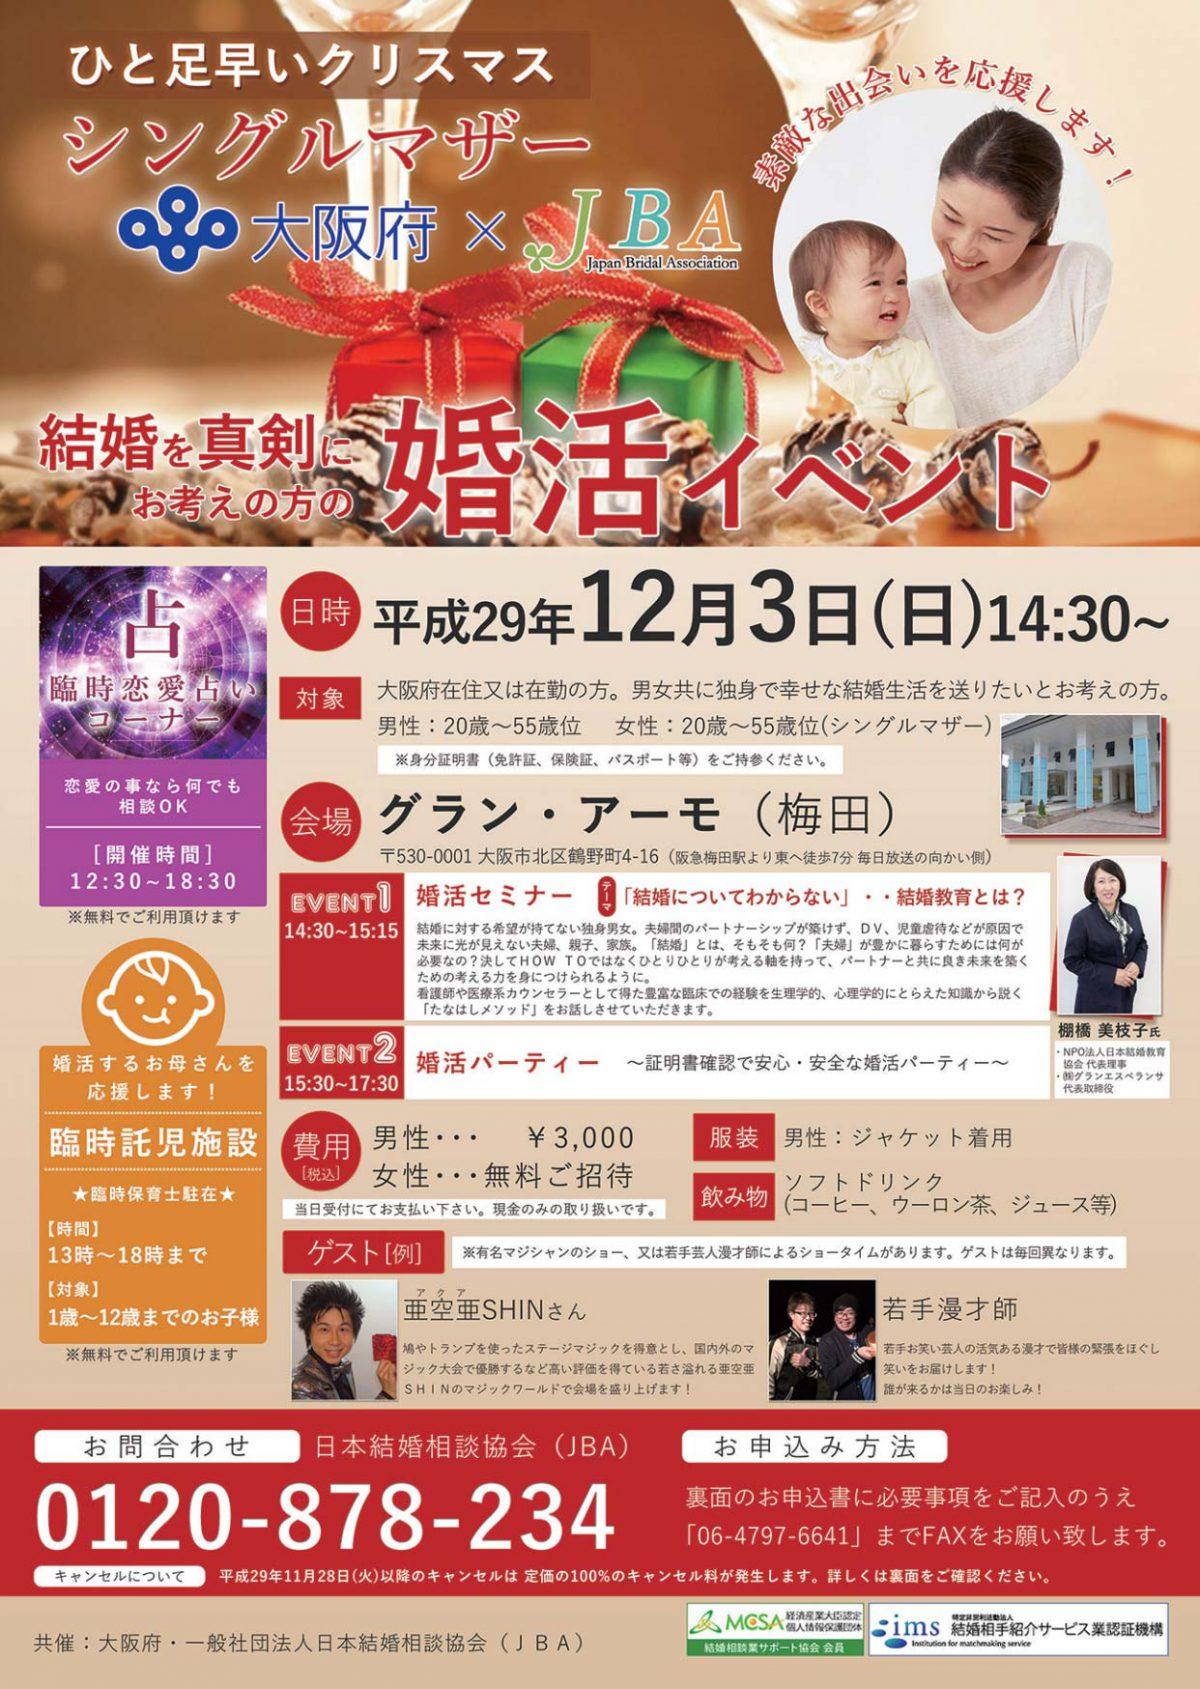 大阪府と日本結婚相談協会共催の婚活イベント開催(女性はシングルマザー限定、無料託児あり)